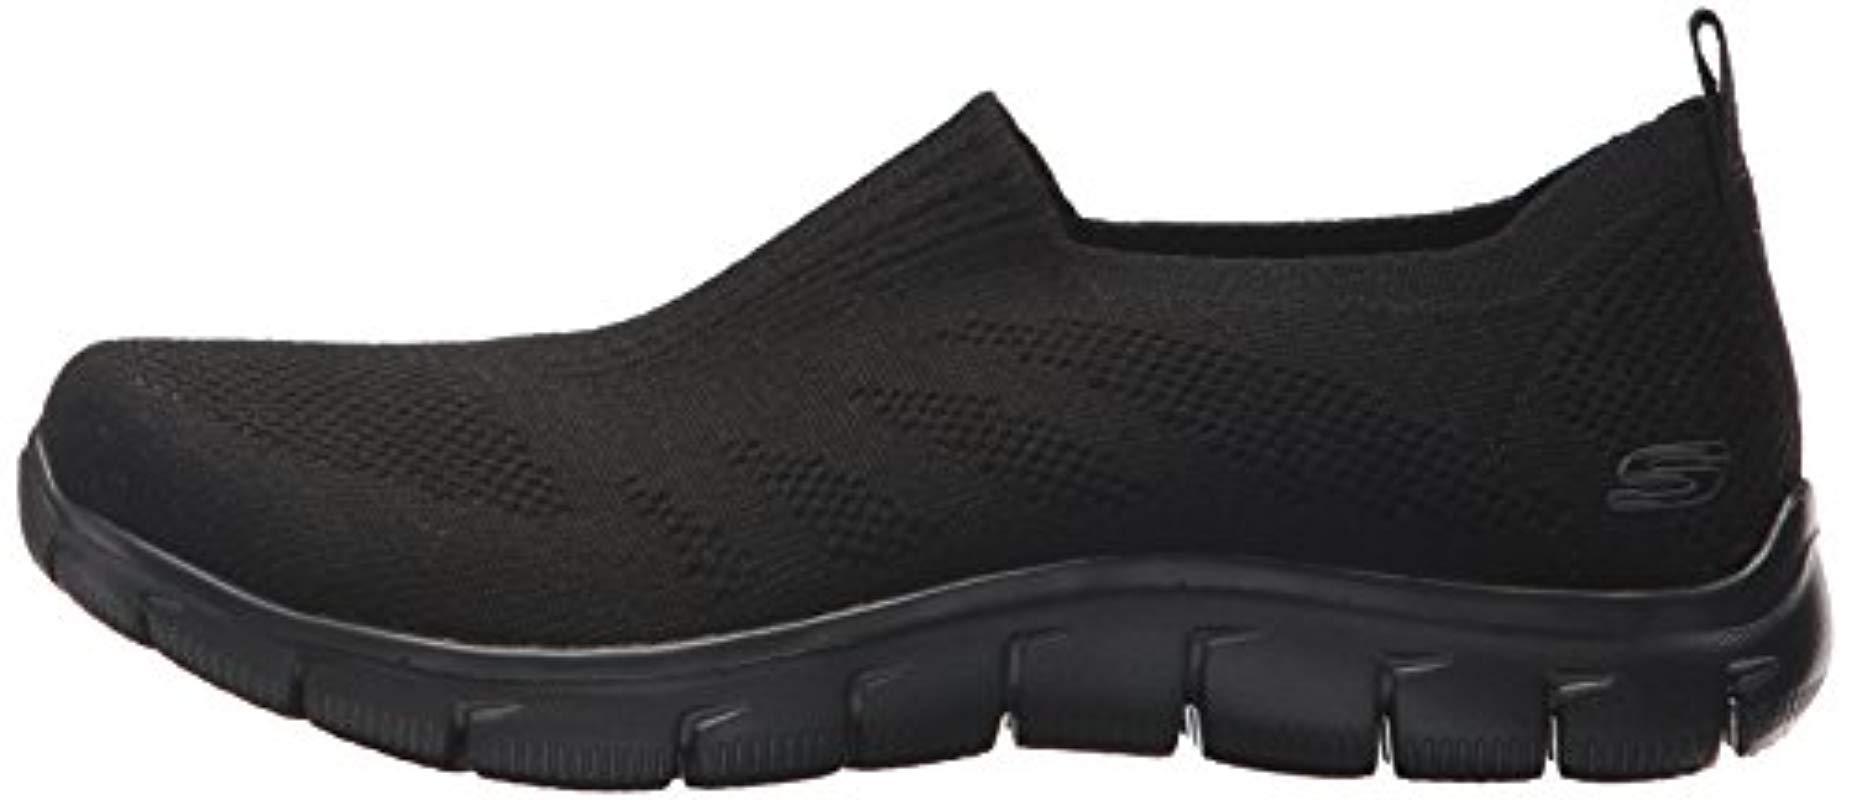 Skechers Sport Empire Clear As Day Sneaker,black,7 M Us